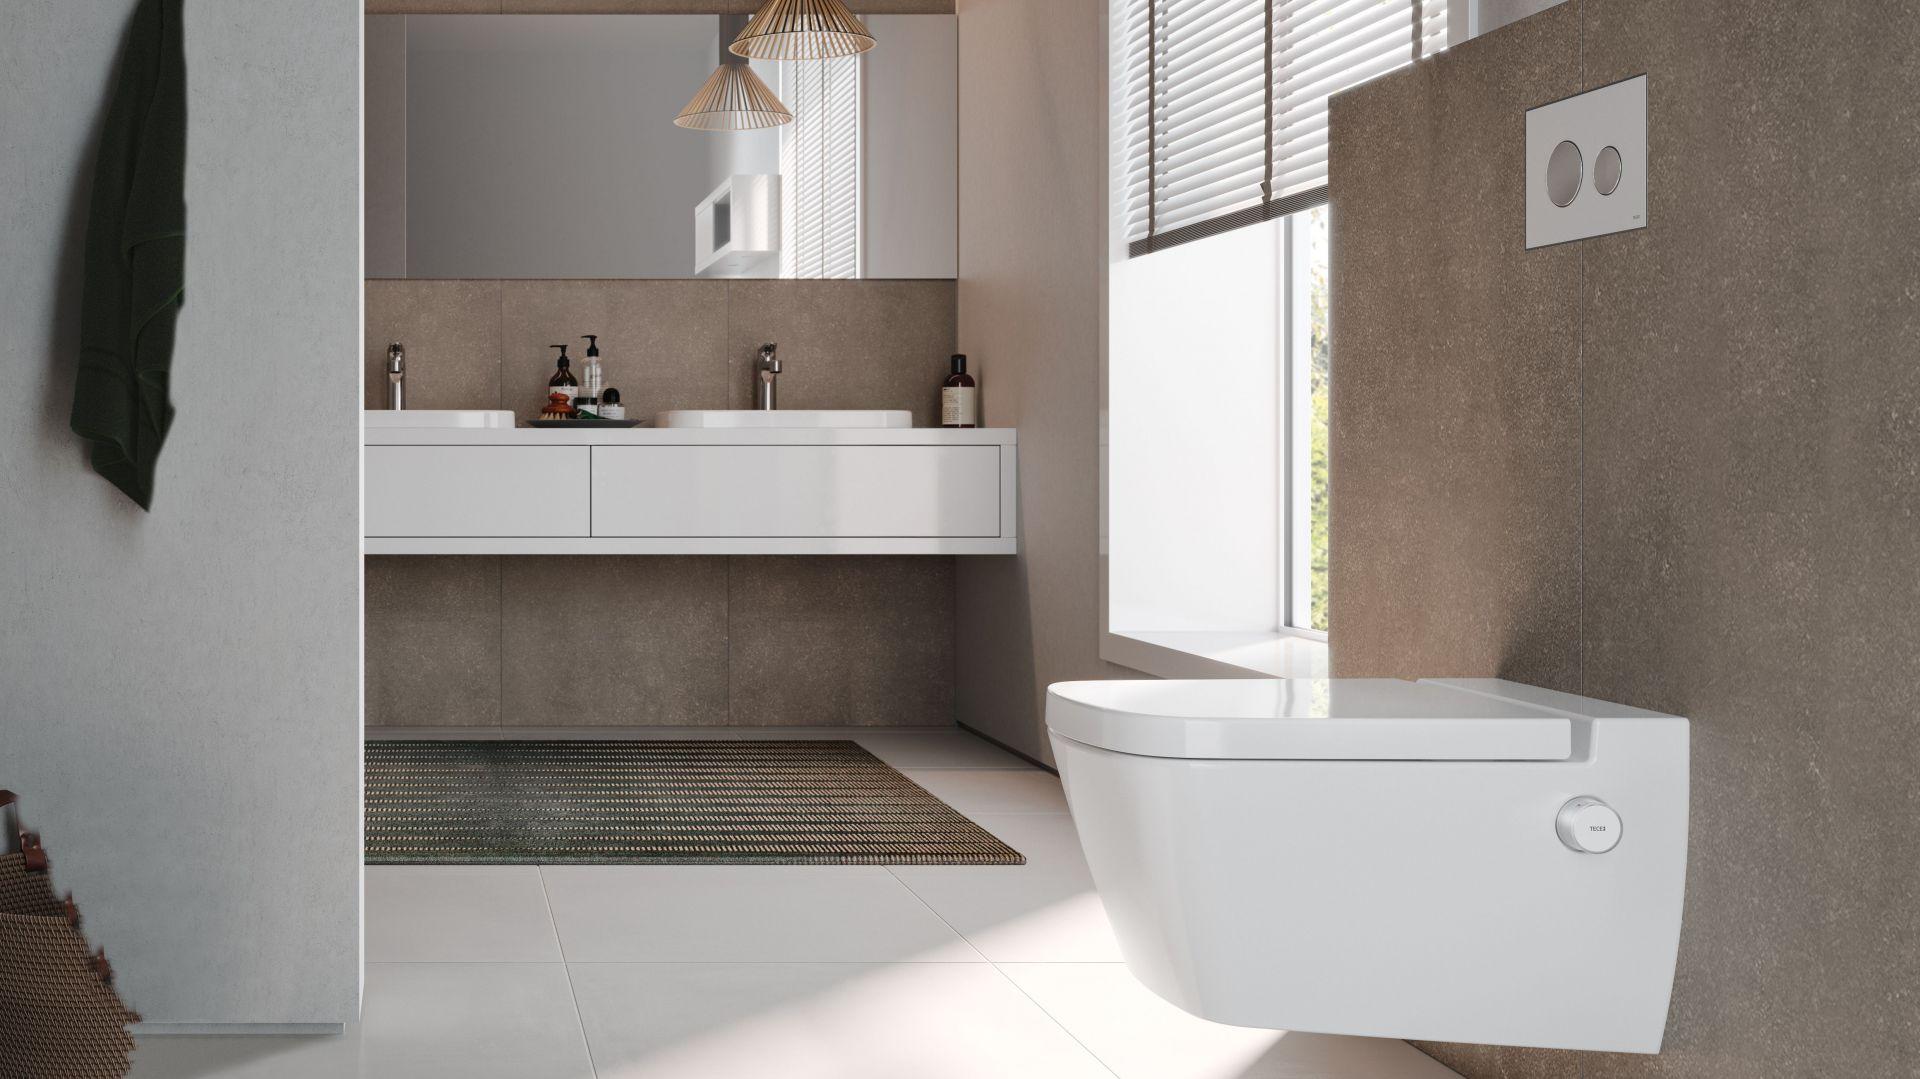 Innowacyjna toaleta myjąca, TECEone; wszystkie przyłącza są ukryte, sterowanie za pomocą dwóch subtelnych intuicyjnych pokręteł. Fot. Tece